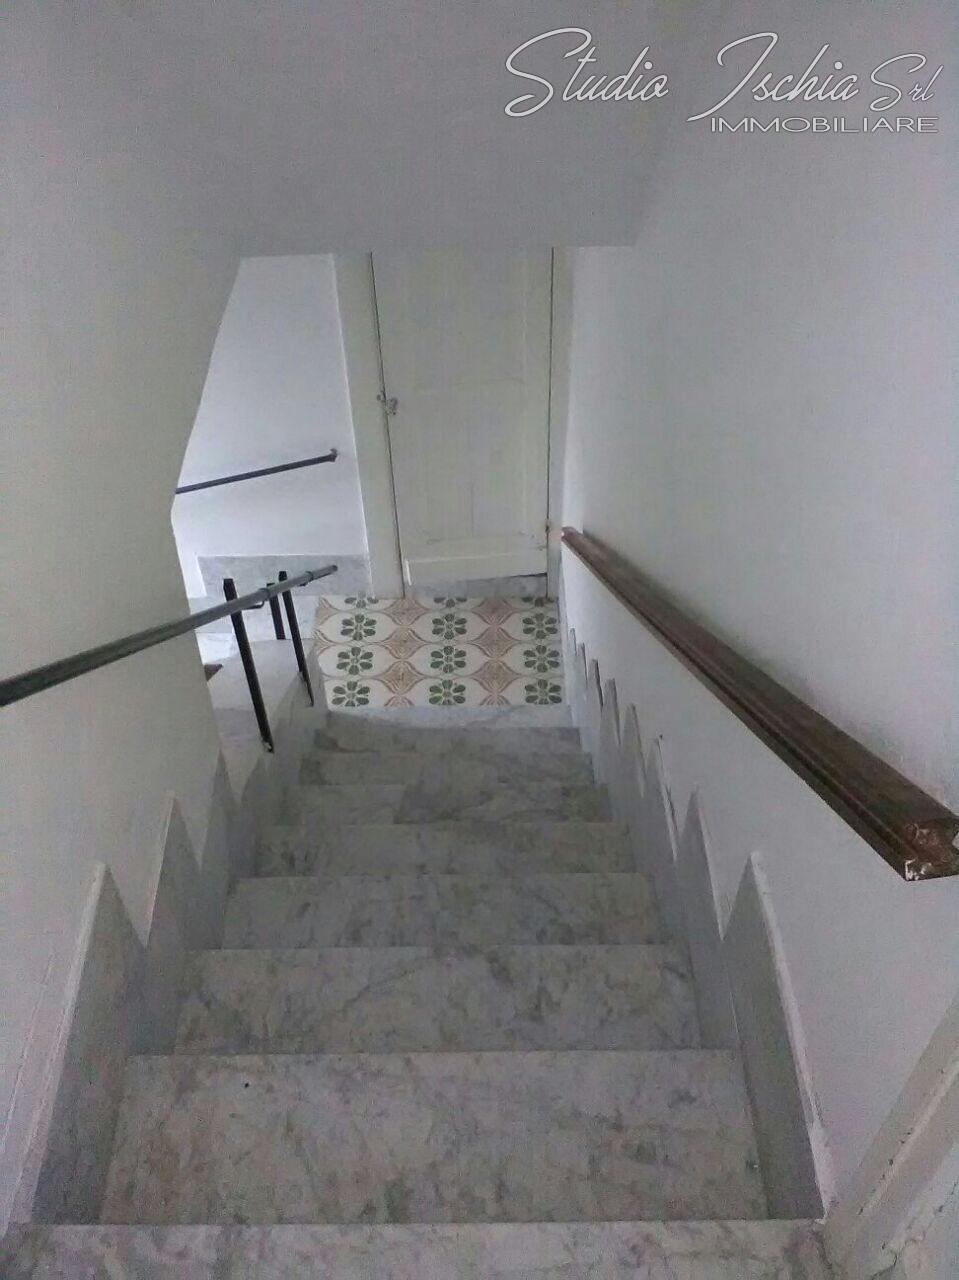 Appartamento in vendita a Procida, 4 locali, zona Località: Coricella, prezzo € 250.000 | Cambio Casa.it